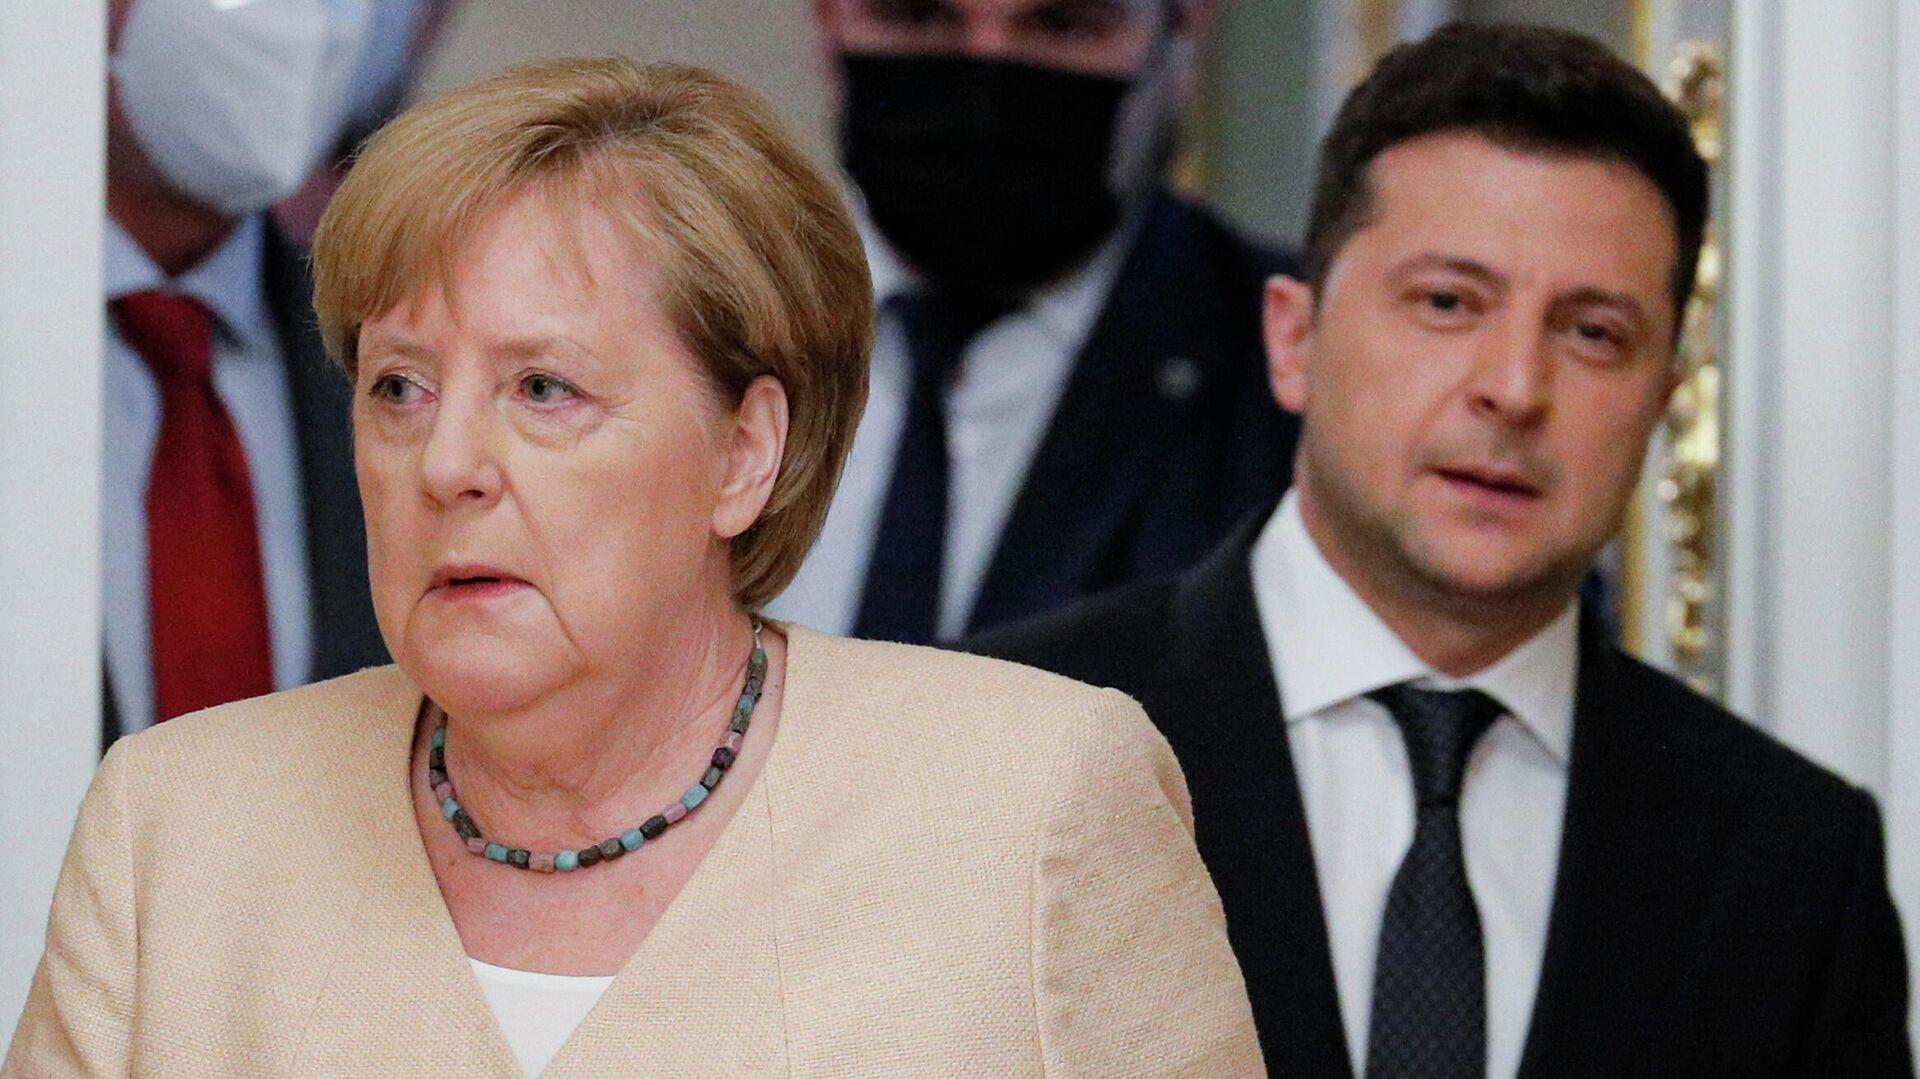 Президент Украины Владимир Зеленский и канцлер Германии Ангела Меркель во время встречи в Киеве - РИА Новости, 1920, 17.09.2021